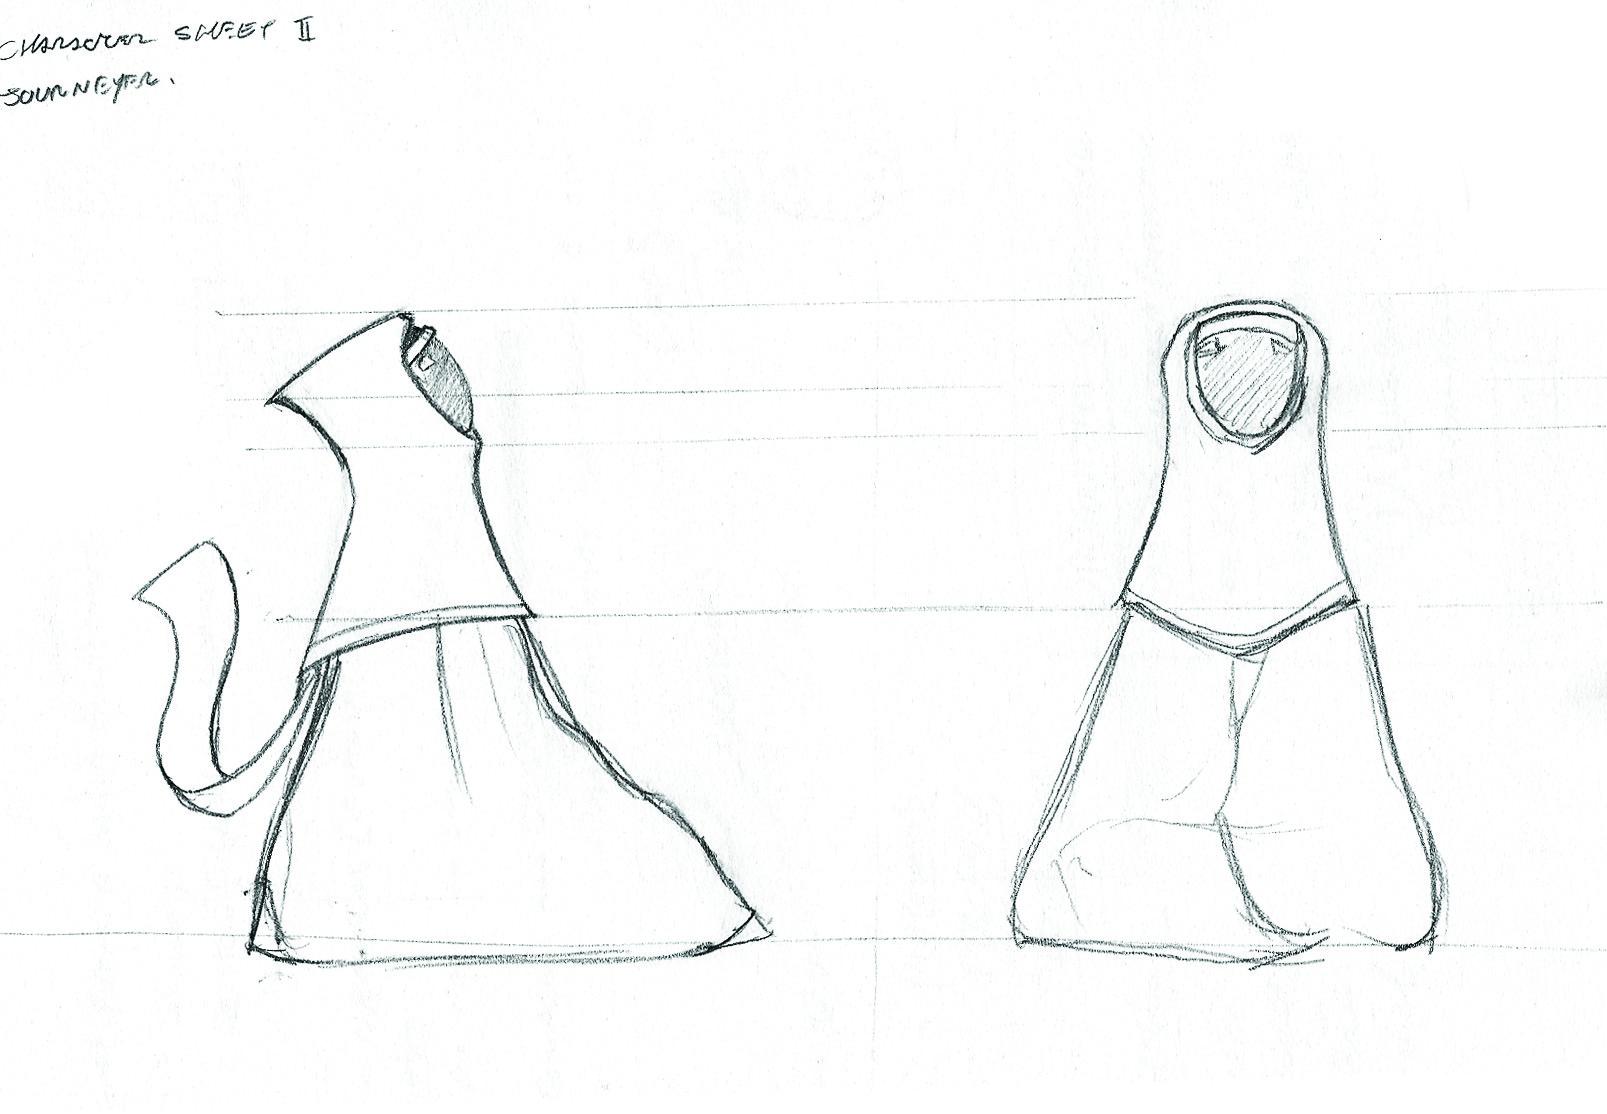 Felipe blanco sketch 29